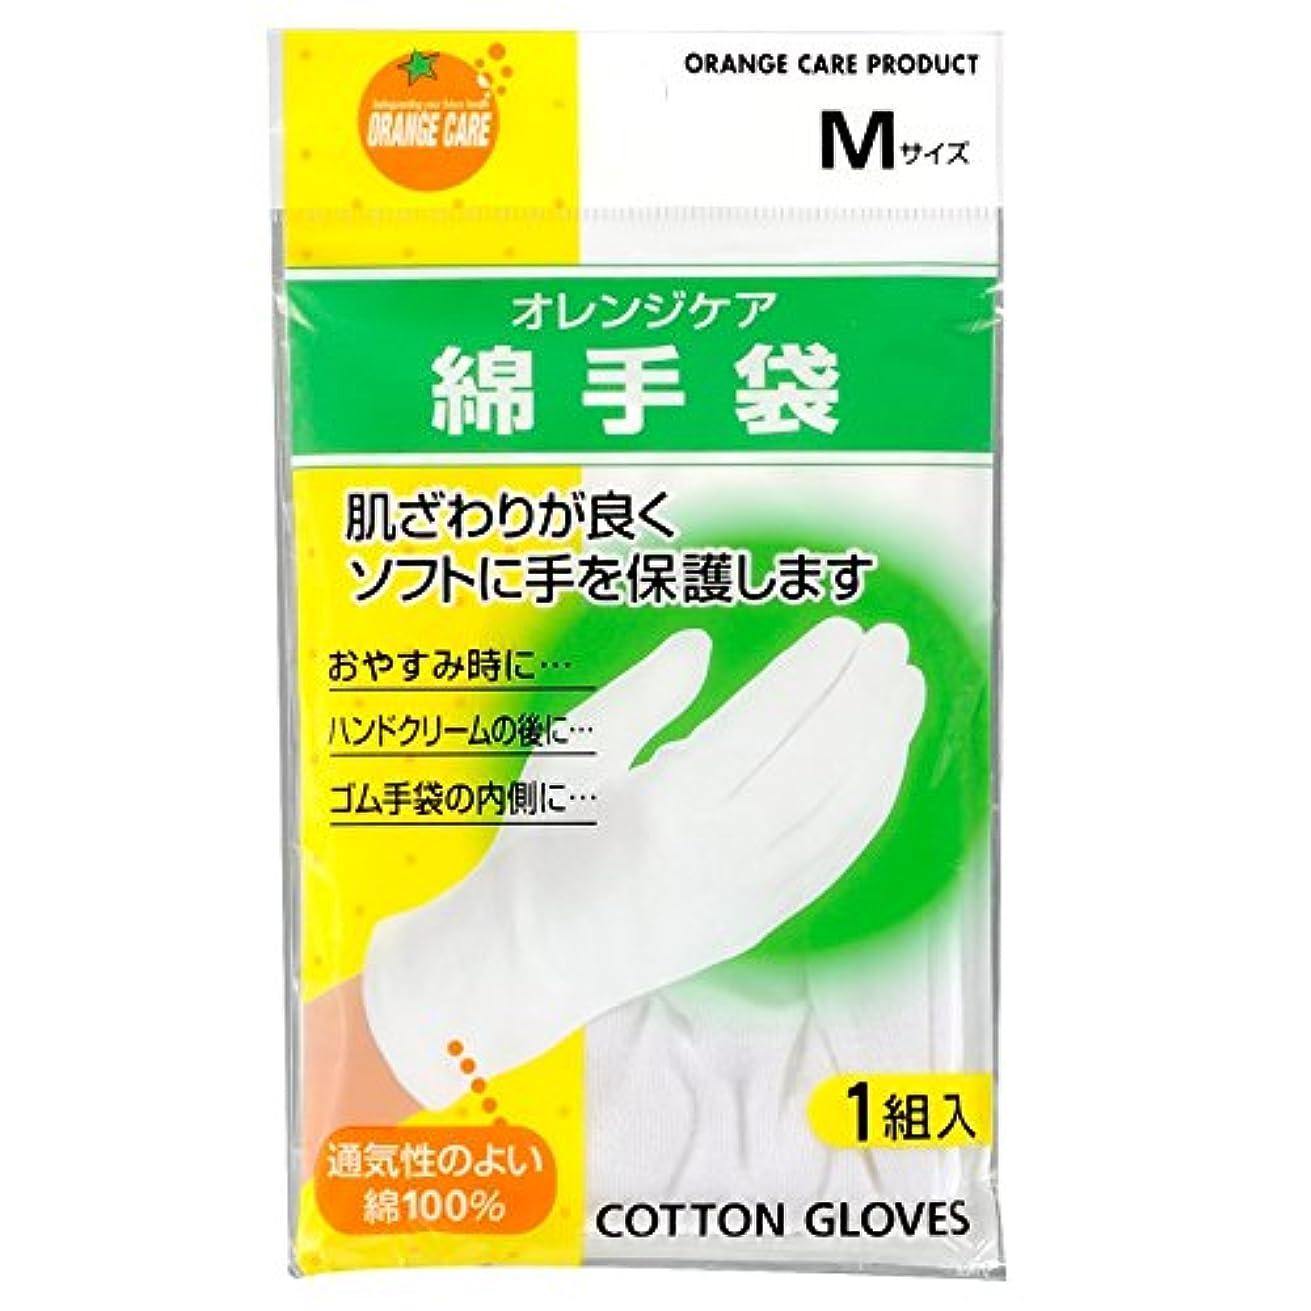 持つスキム三角形オレンジケアプロダクツ 綿手袋 Mサイズ2枚入り